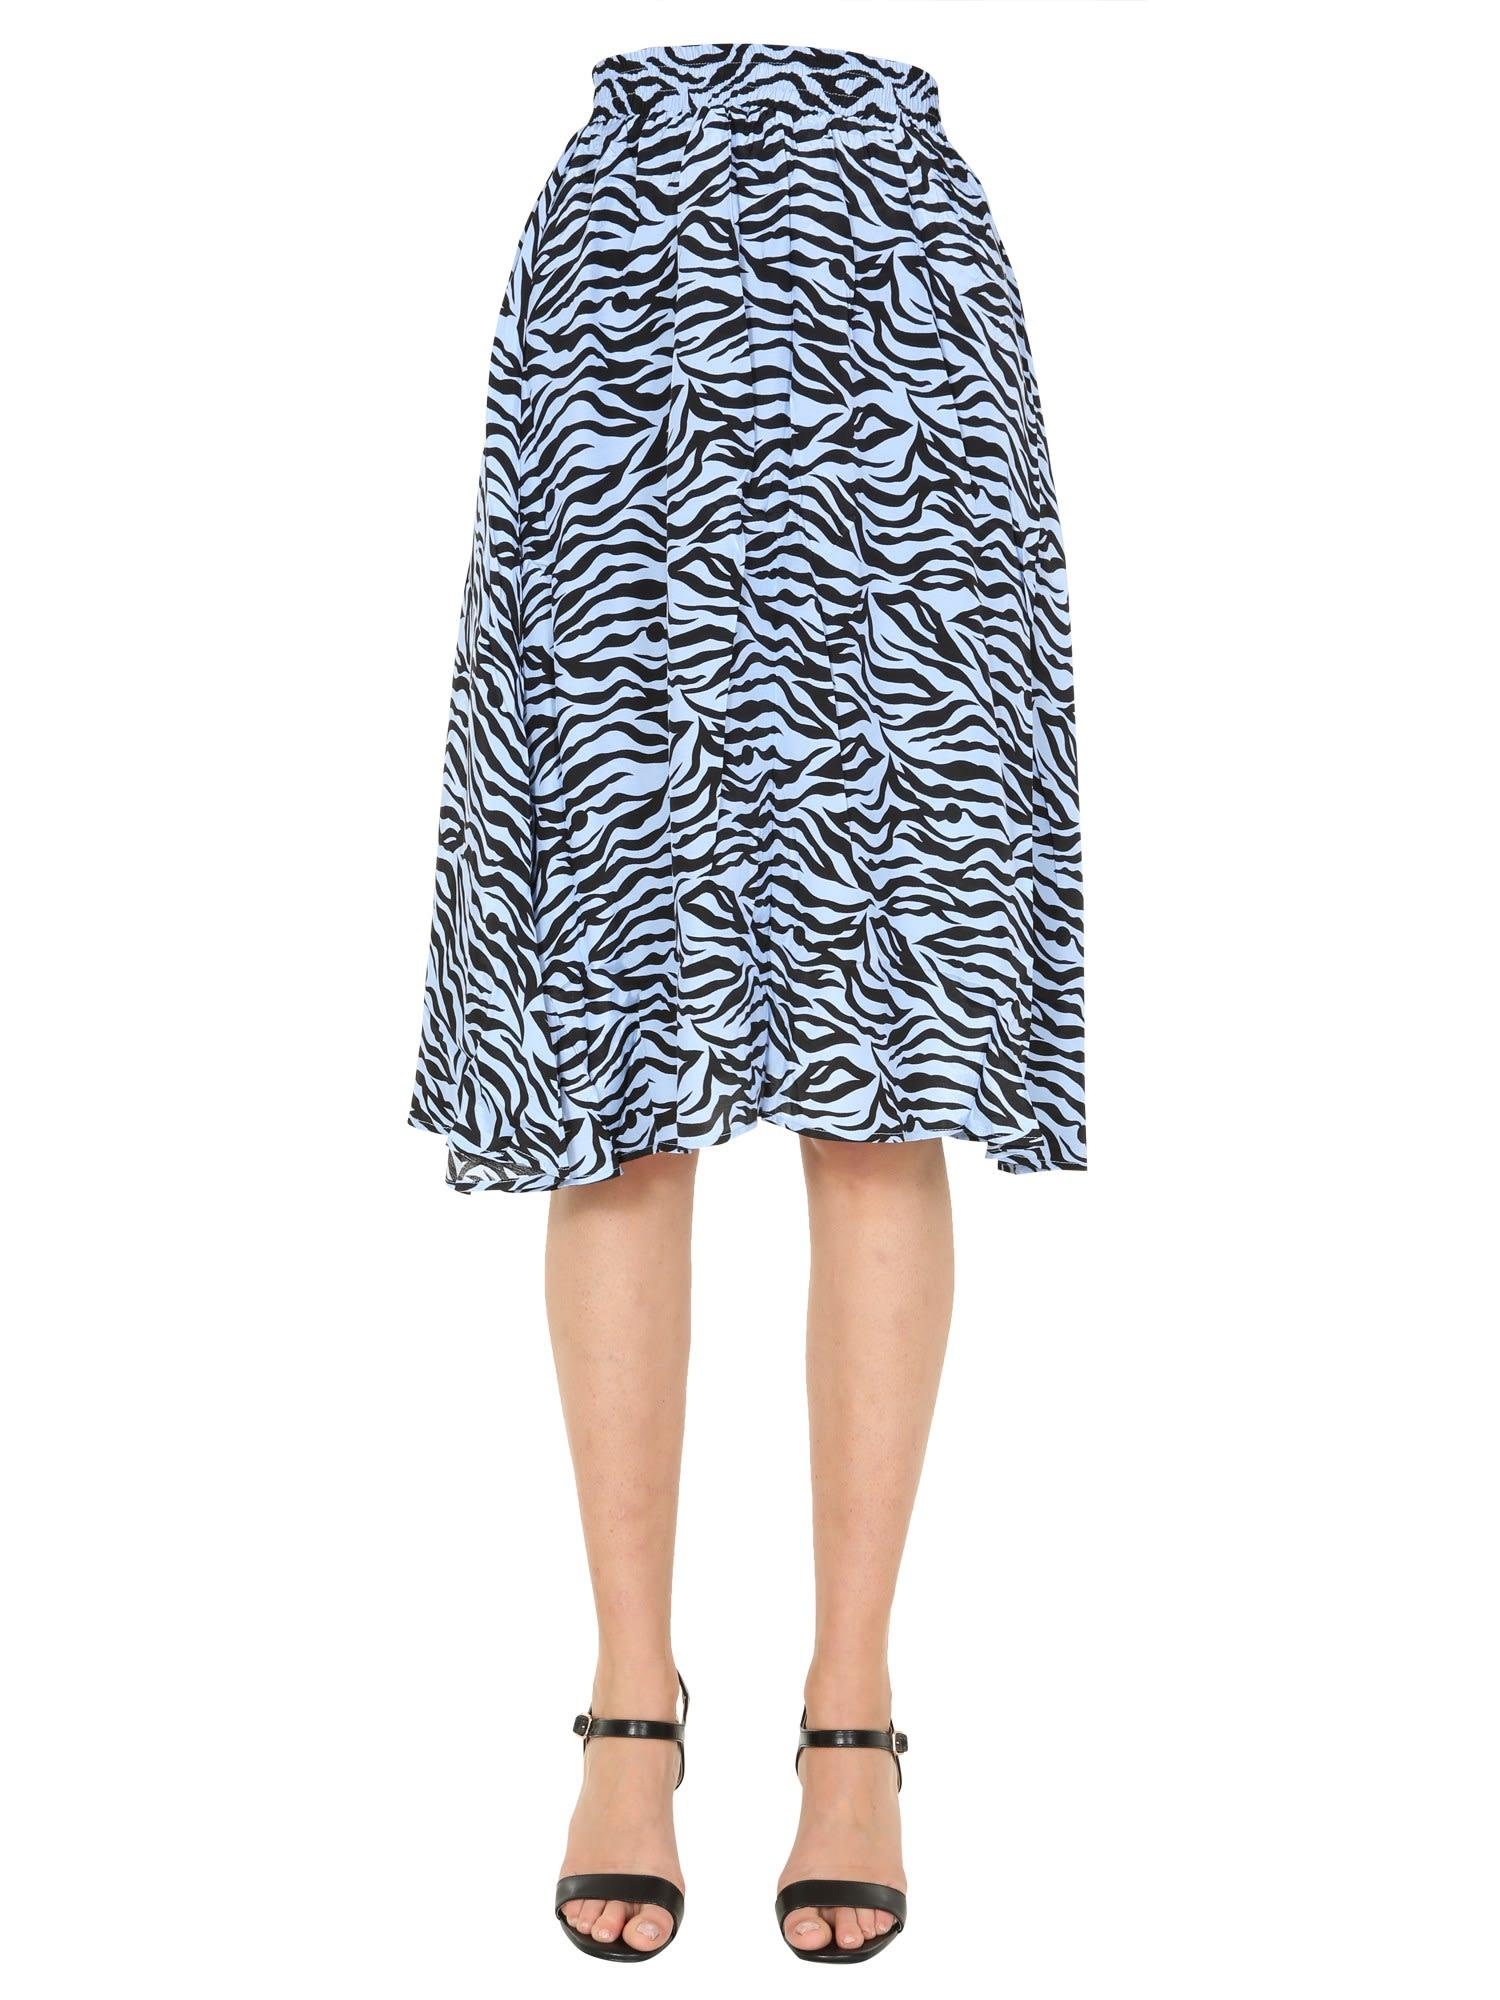 Horai2 Skirt